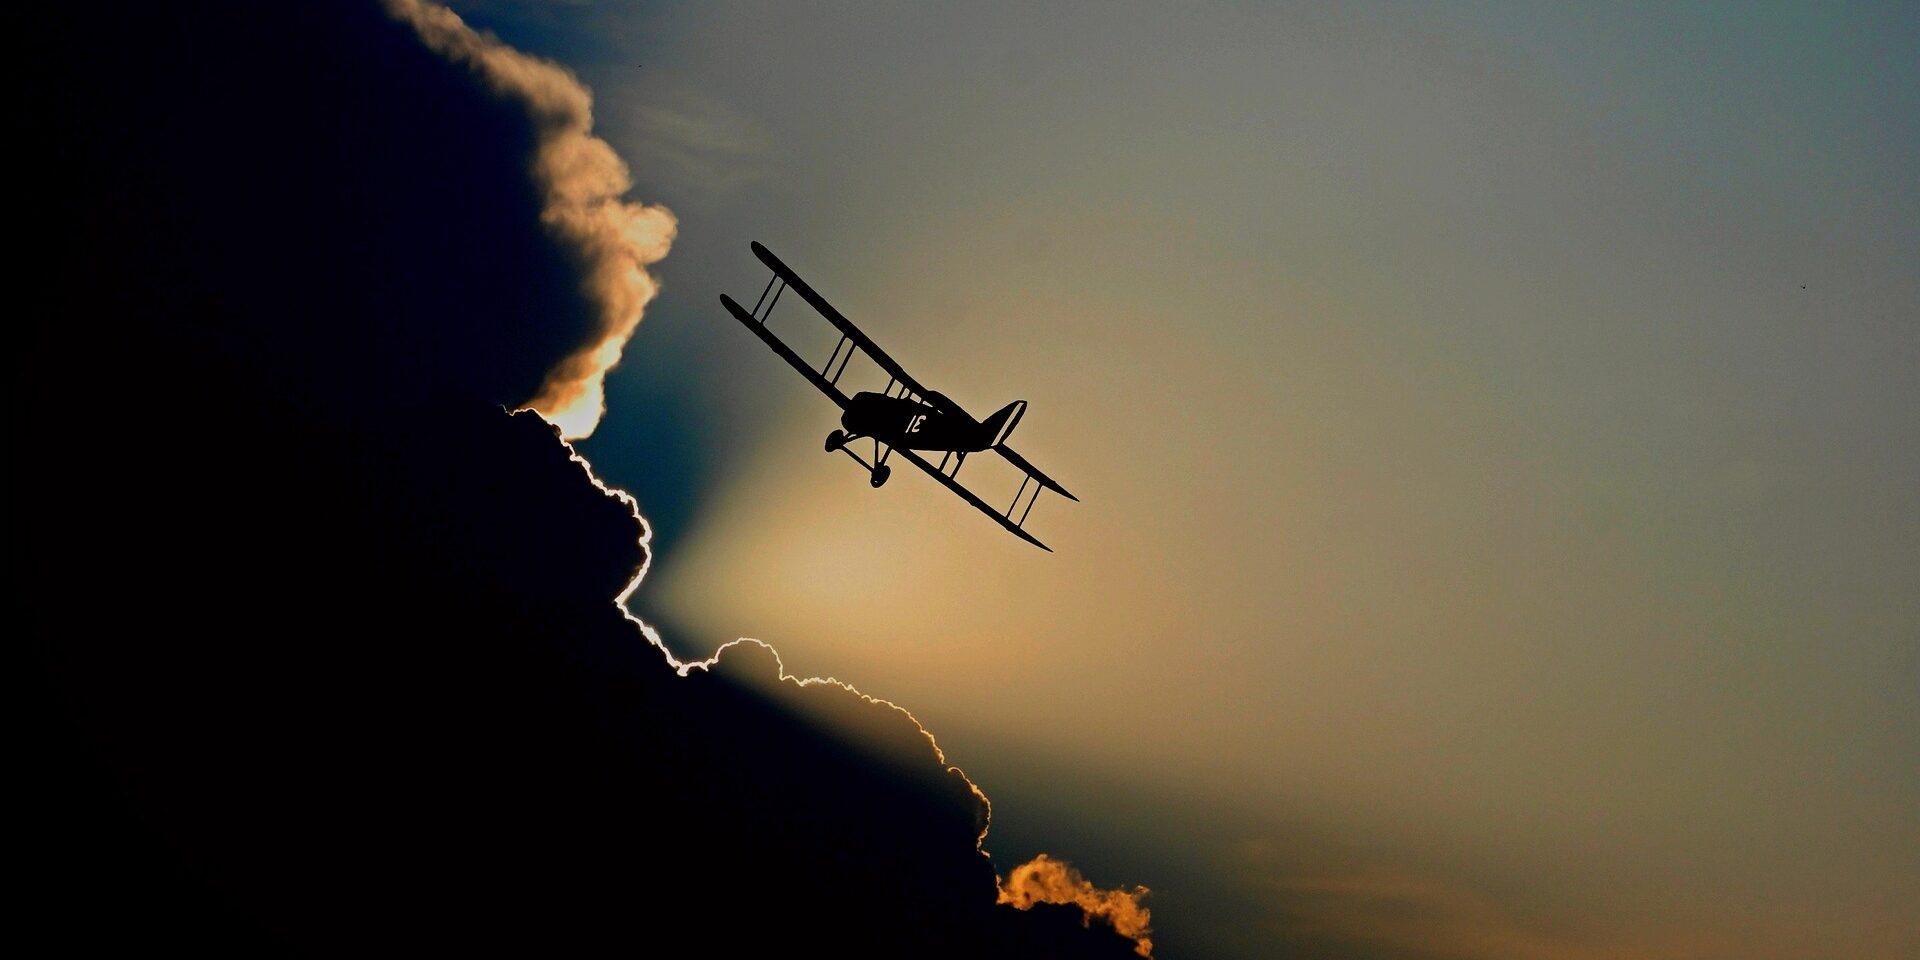 aircraft-1813731_1920